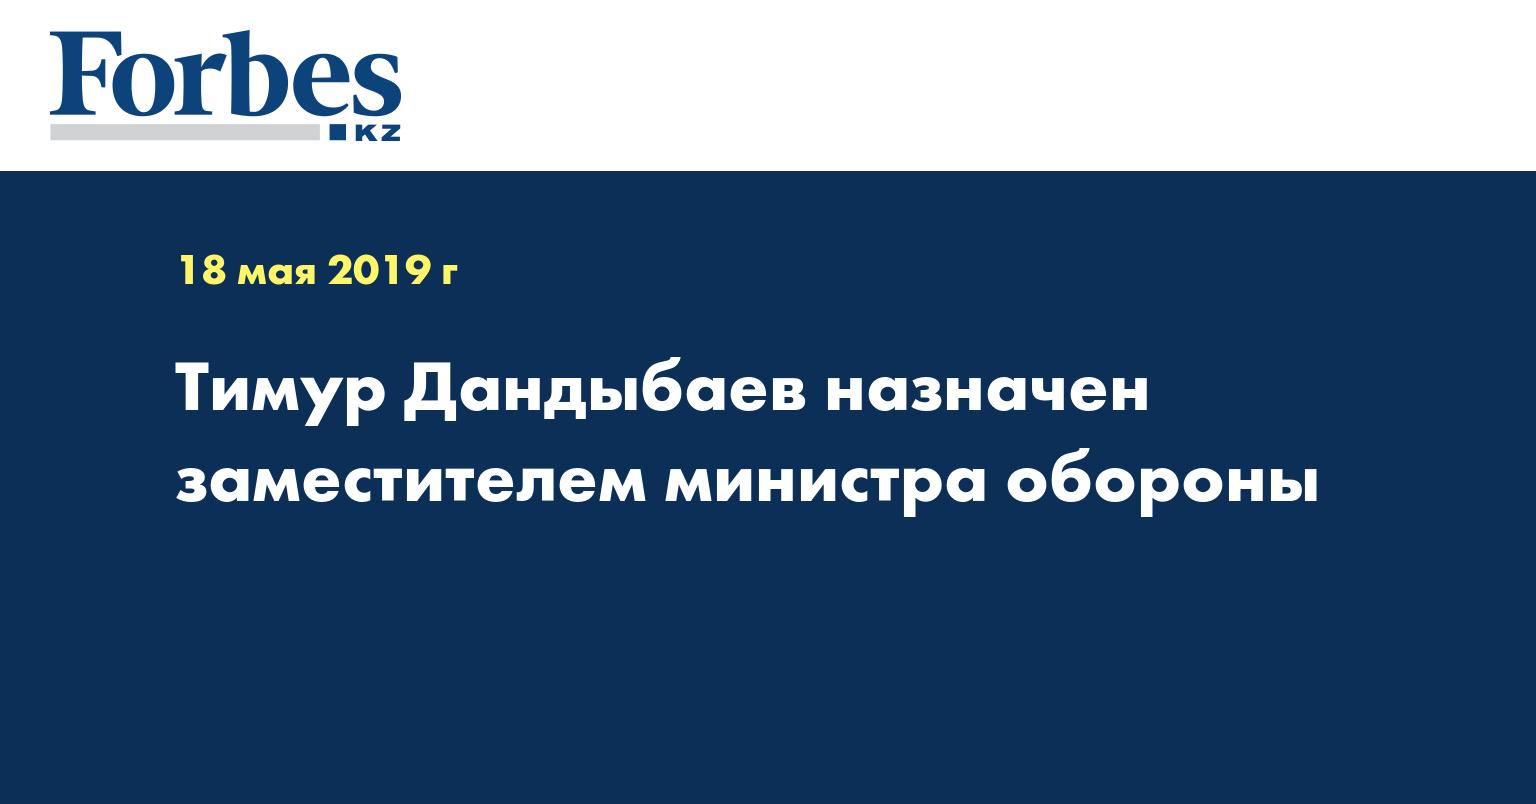 Тимур Дандыбаев назначен заместителем министра обороны